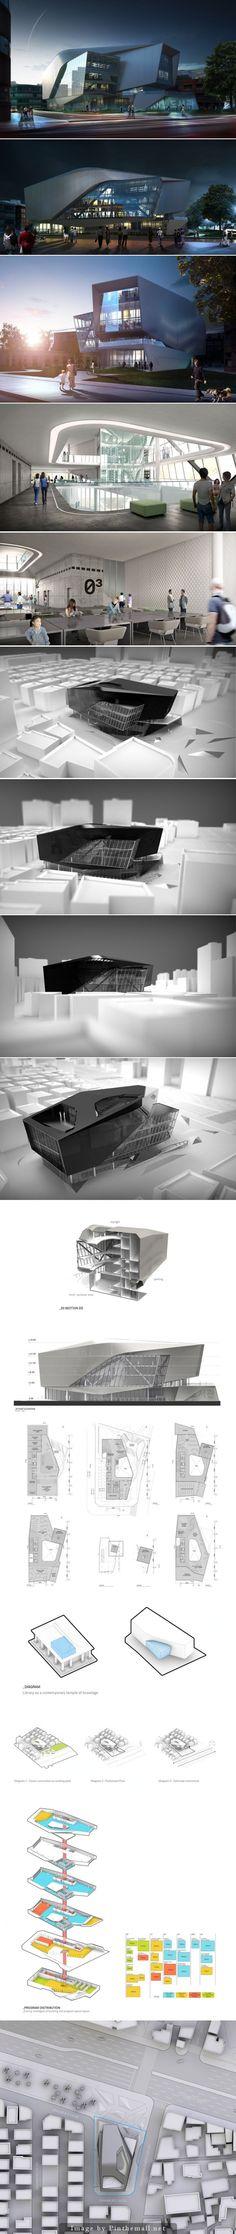 Architects: ŁukaszWawrzeńczyk, Frisly Colop Morales, Jason Easter, Adrian Yau onebynine.com